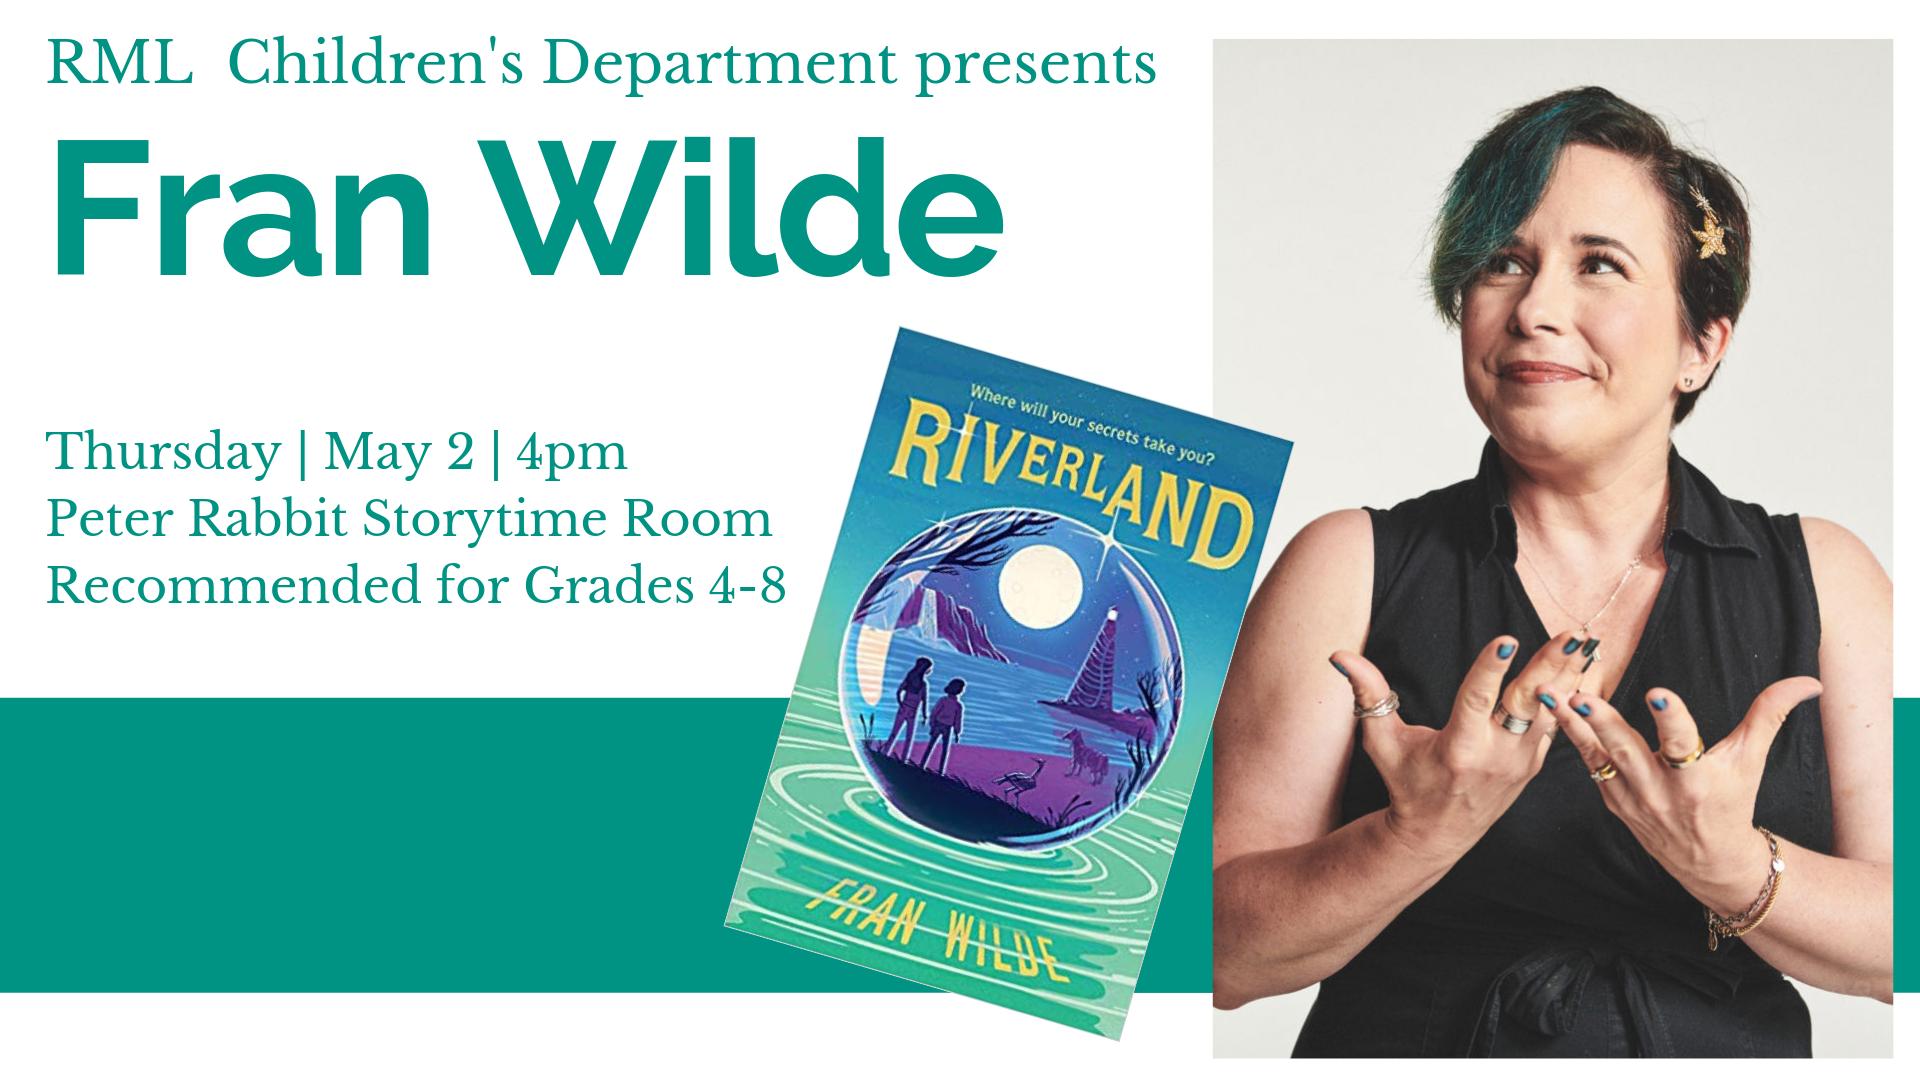 Fran Wilde: Author Visit